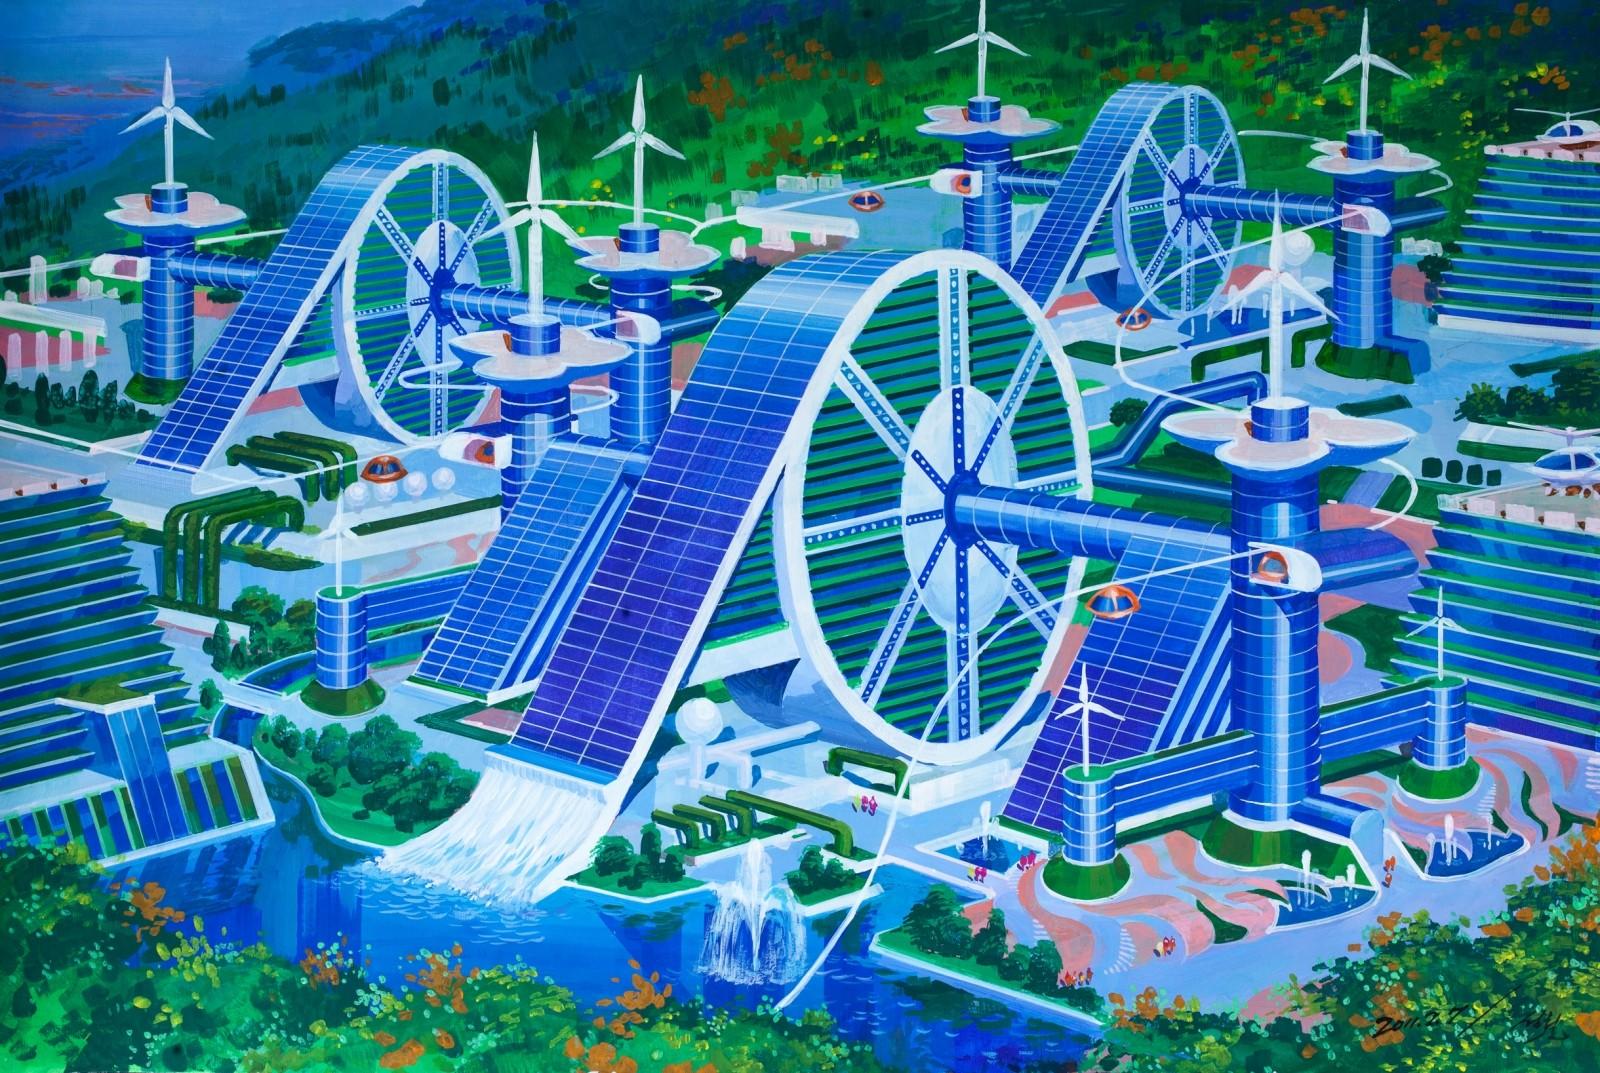 O futuro de ontem, hoje: Como é ser arquiteto na Coréia do Norte?, A fábrica de seda com hectares de painéis solares fotovoltaicos, uma das várias ilustrações expostas no Pavilhão Coreano em Veneza. Imagem Cortesia de Koryo Tours